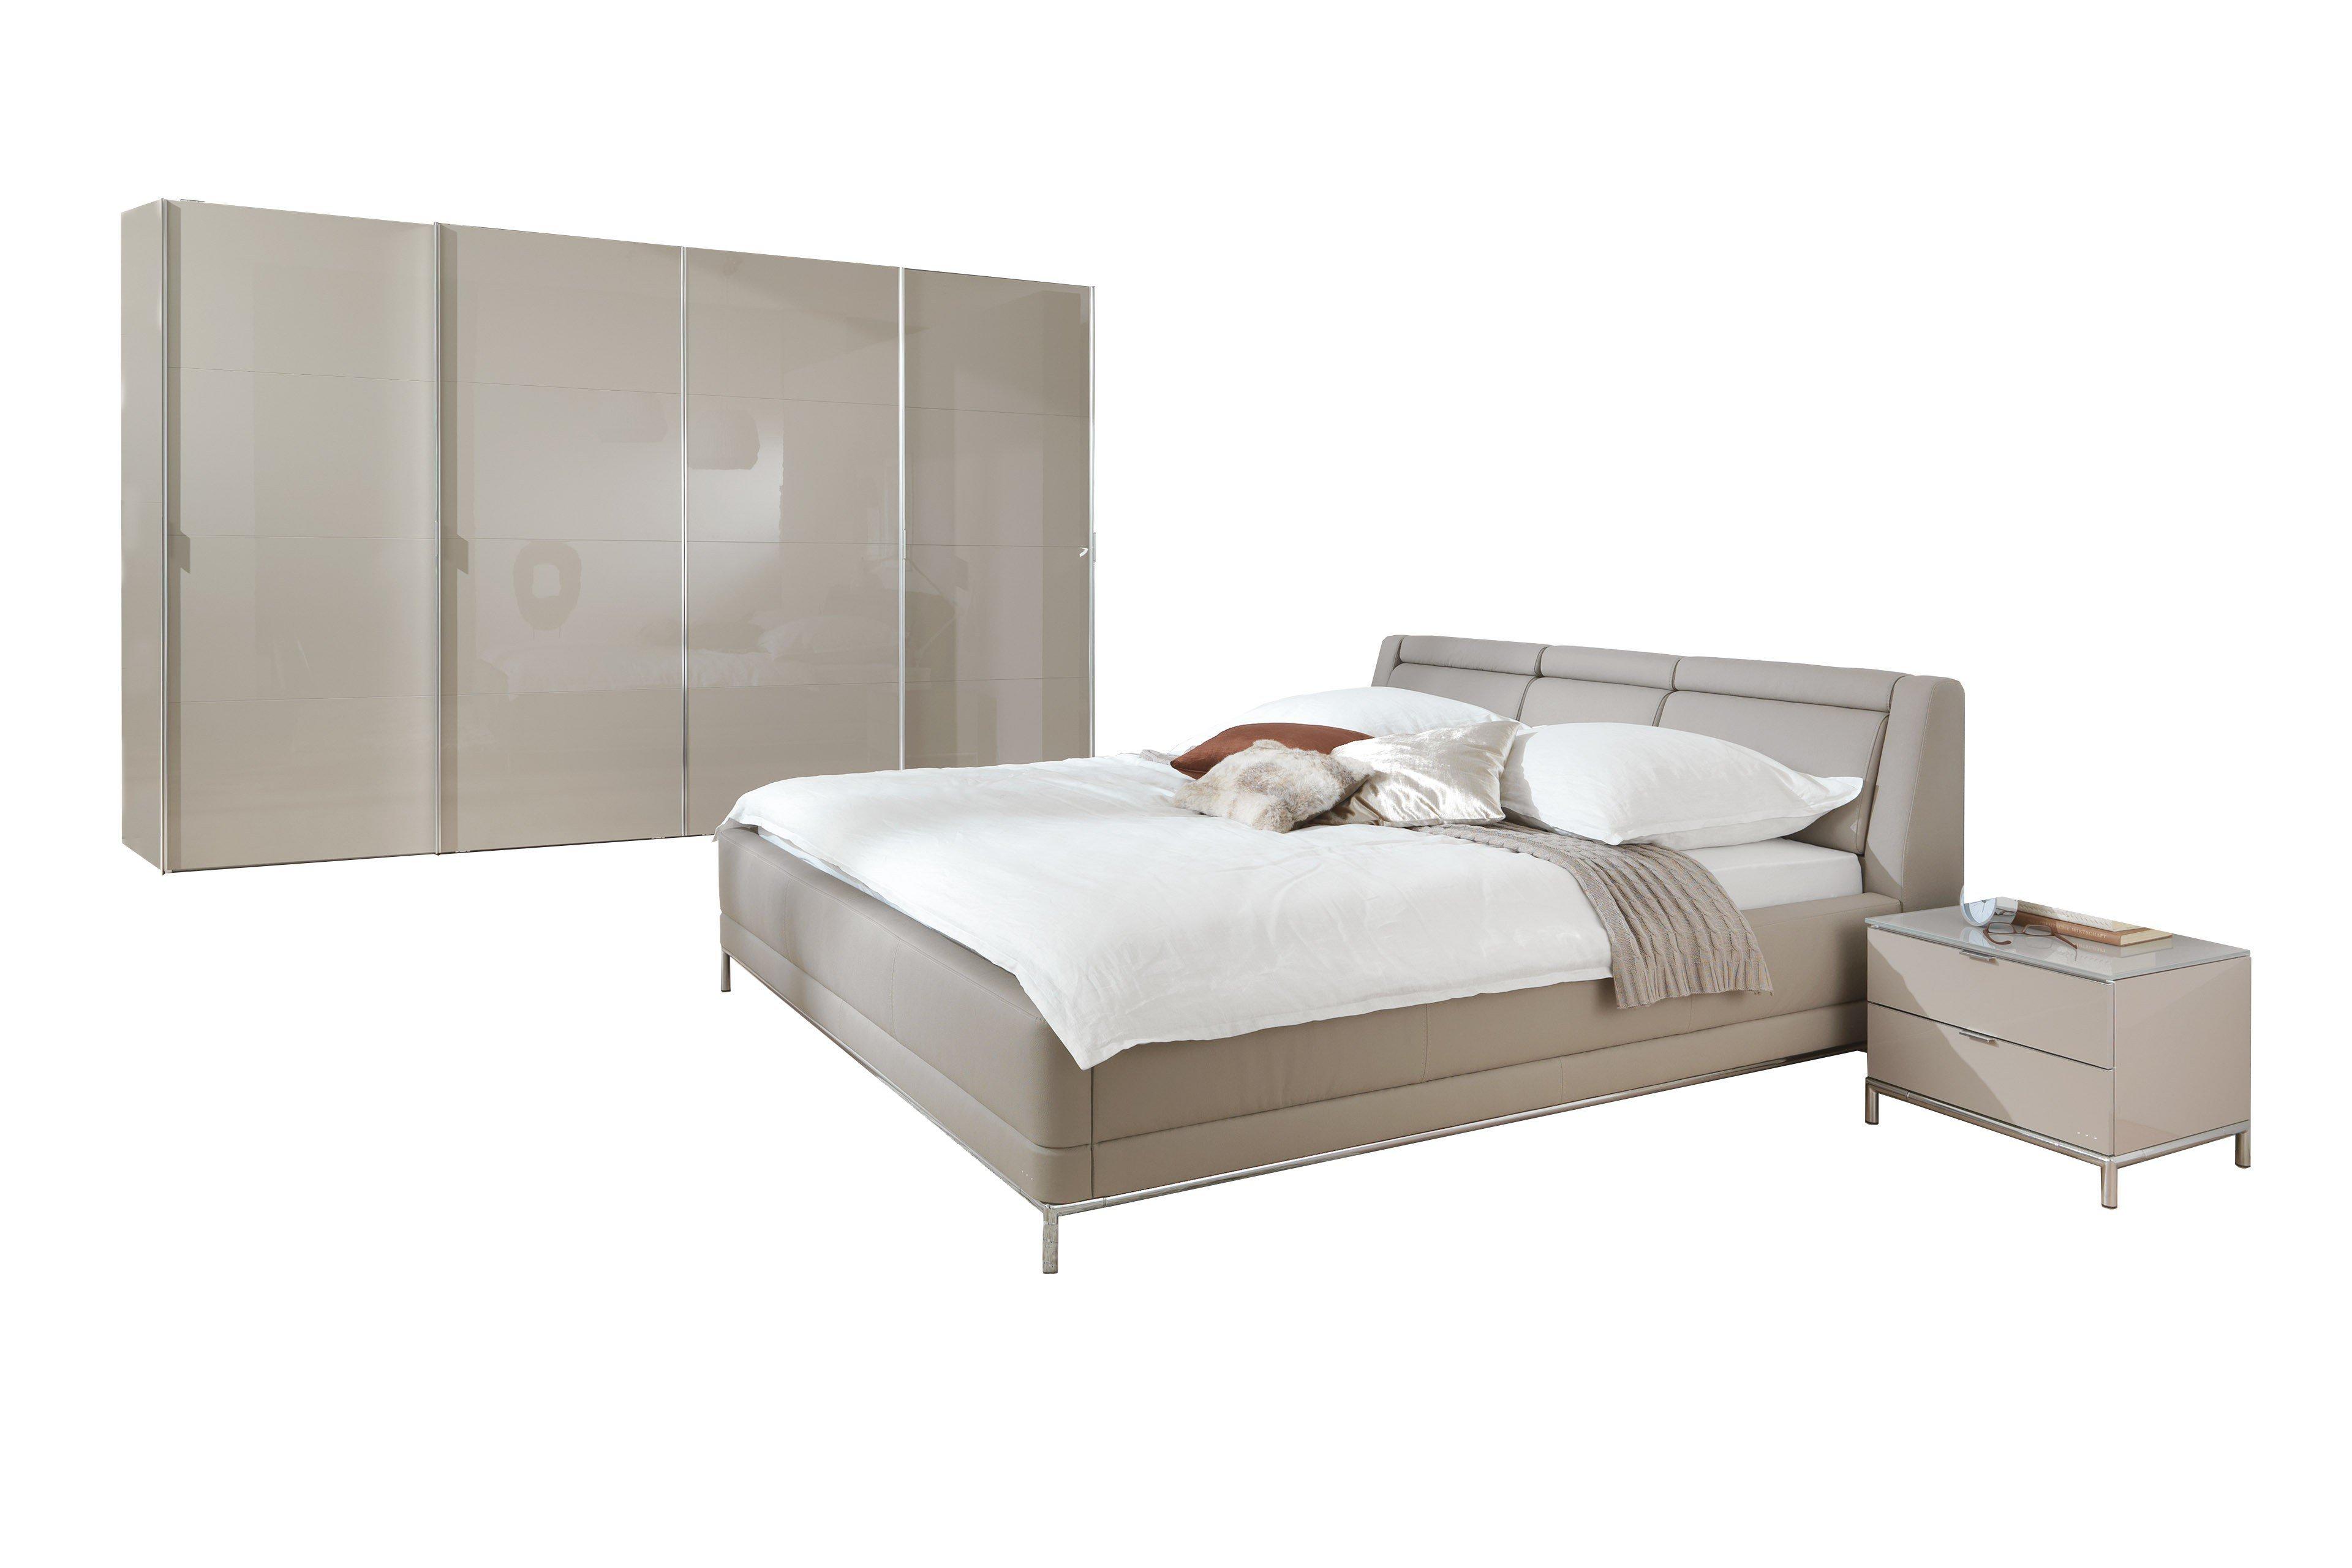 Wellemöbel Schlafzimmer ~ Wohndesign und Inneneinrichtung